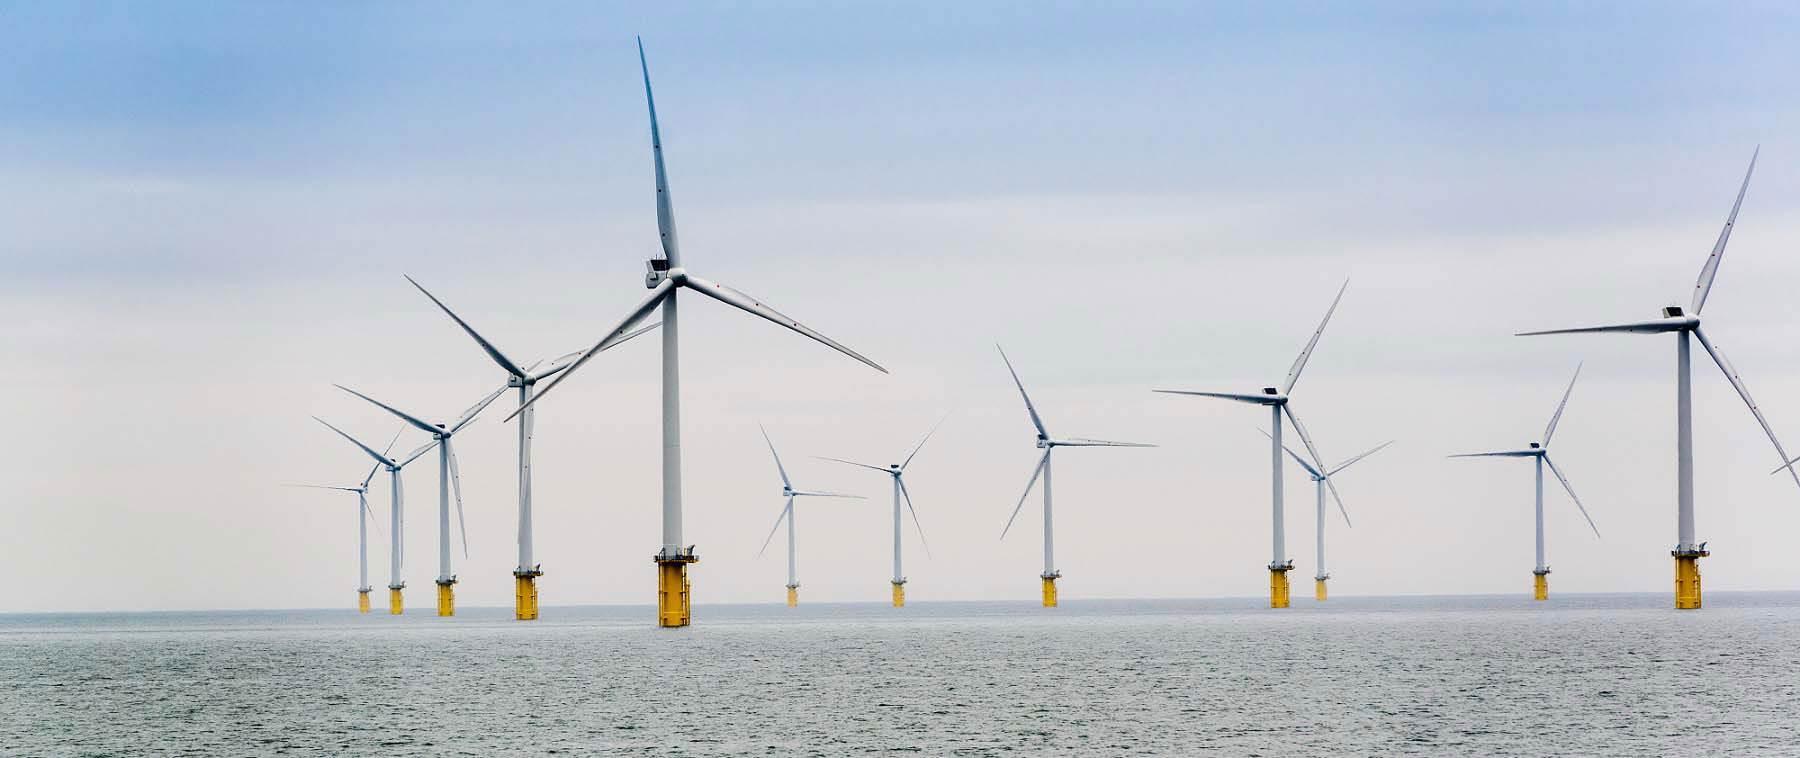 海上风电行业巨头Orsted计划在美国建设一个700兆瓦太阳能发电厂